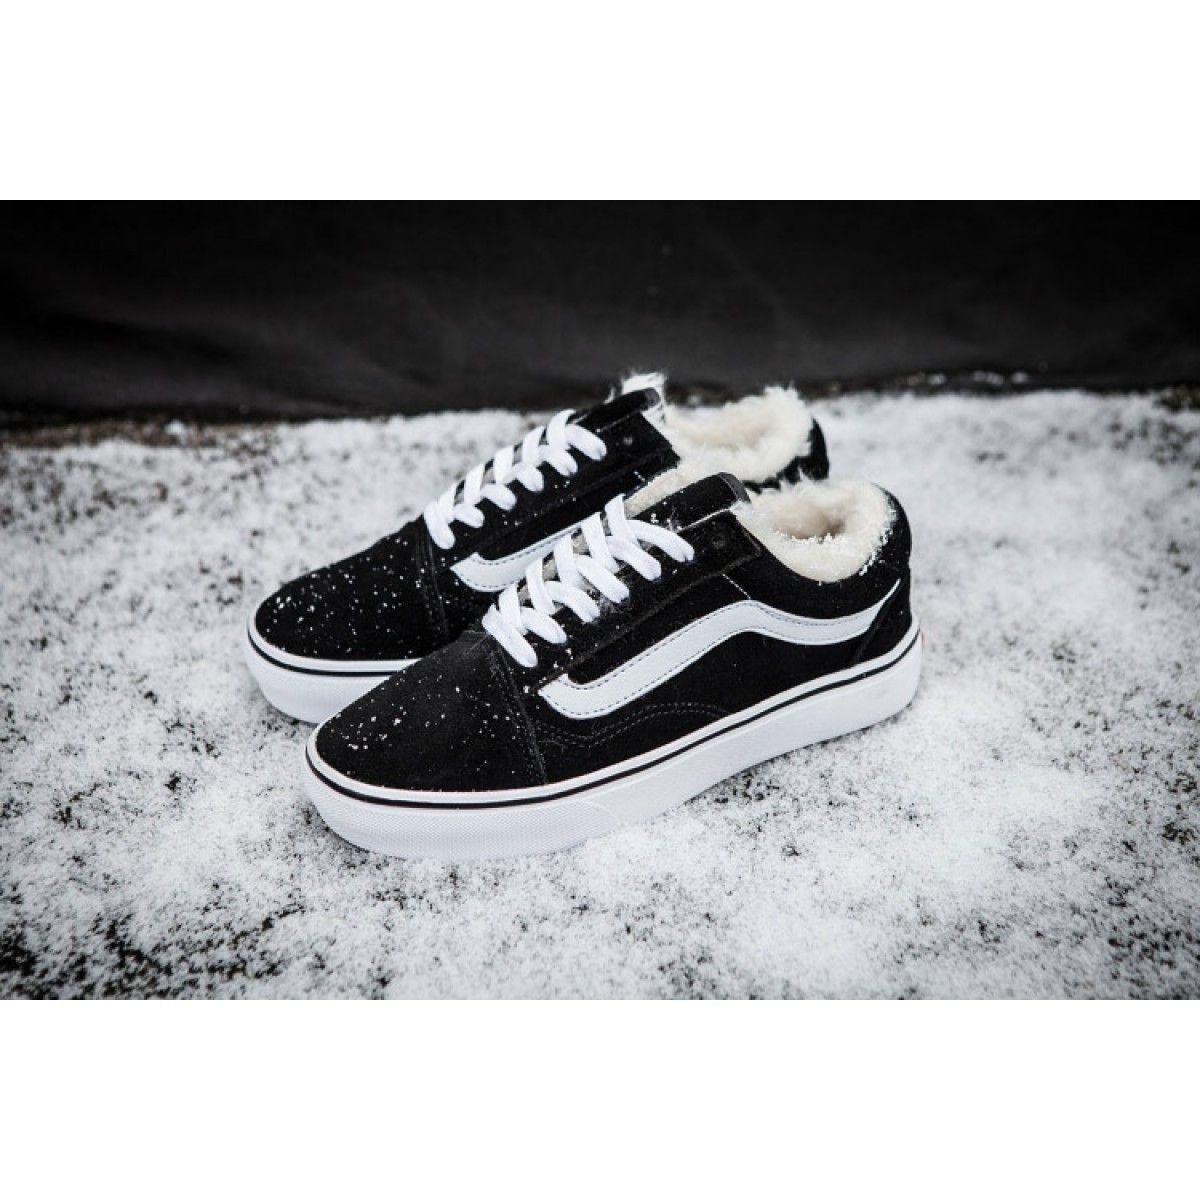 16c66e0613 Vans Old Skool Black Fleece Inner Winter Skate Shoes  Vans ...